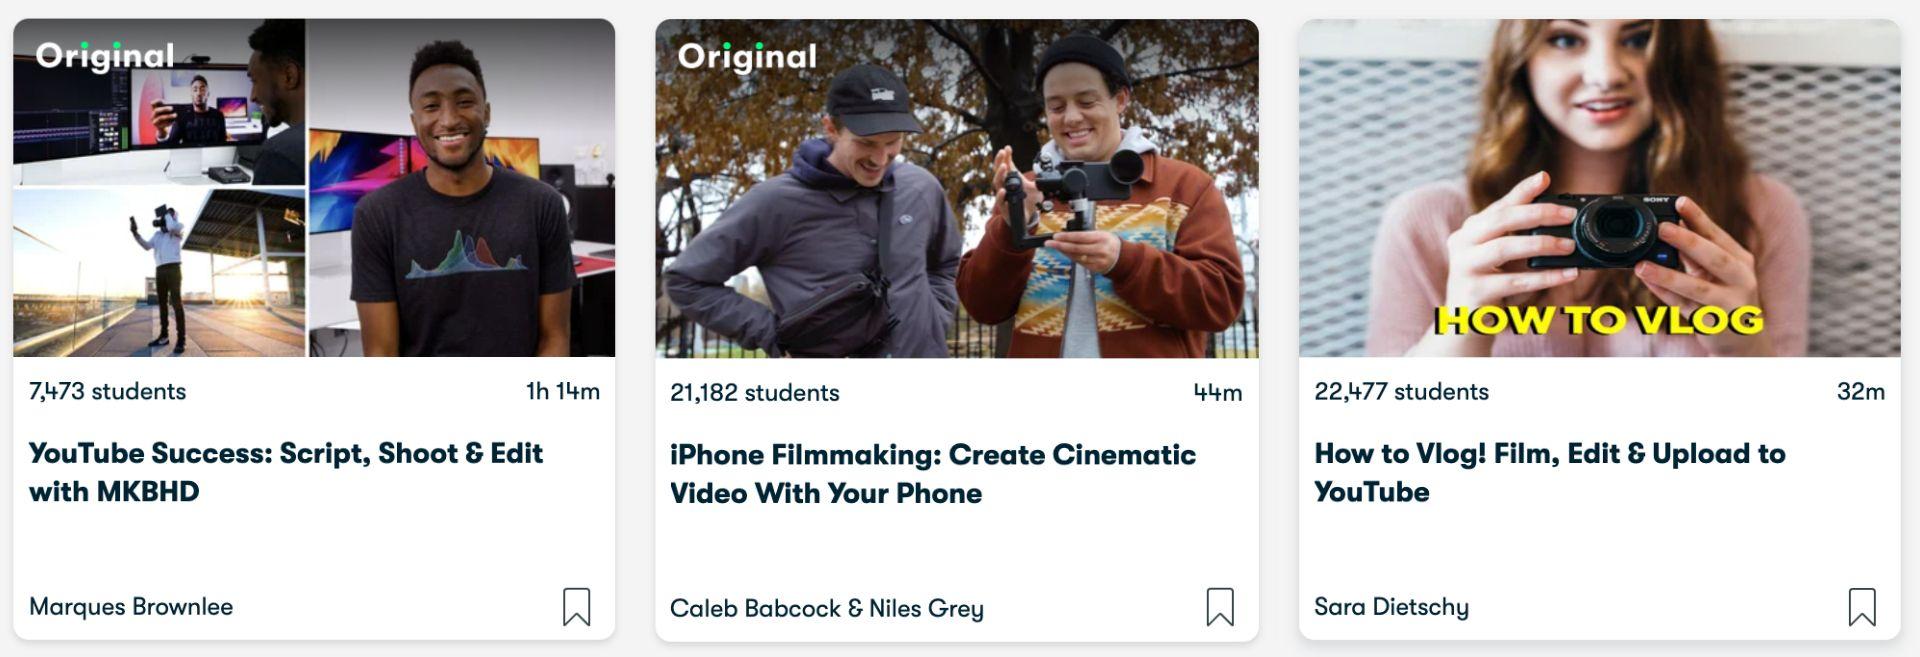 Bild-Teaser für Videobearbeitungskurse von MKBHD, Caleb Babcock und Niles Gray sowie Sara Dietschy.